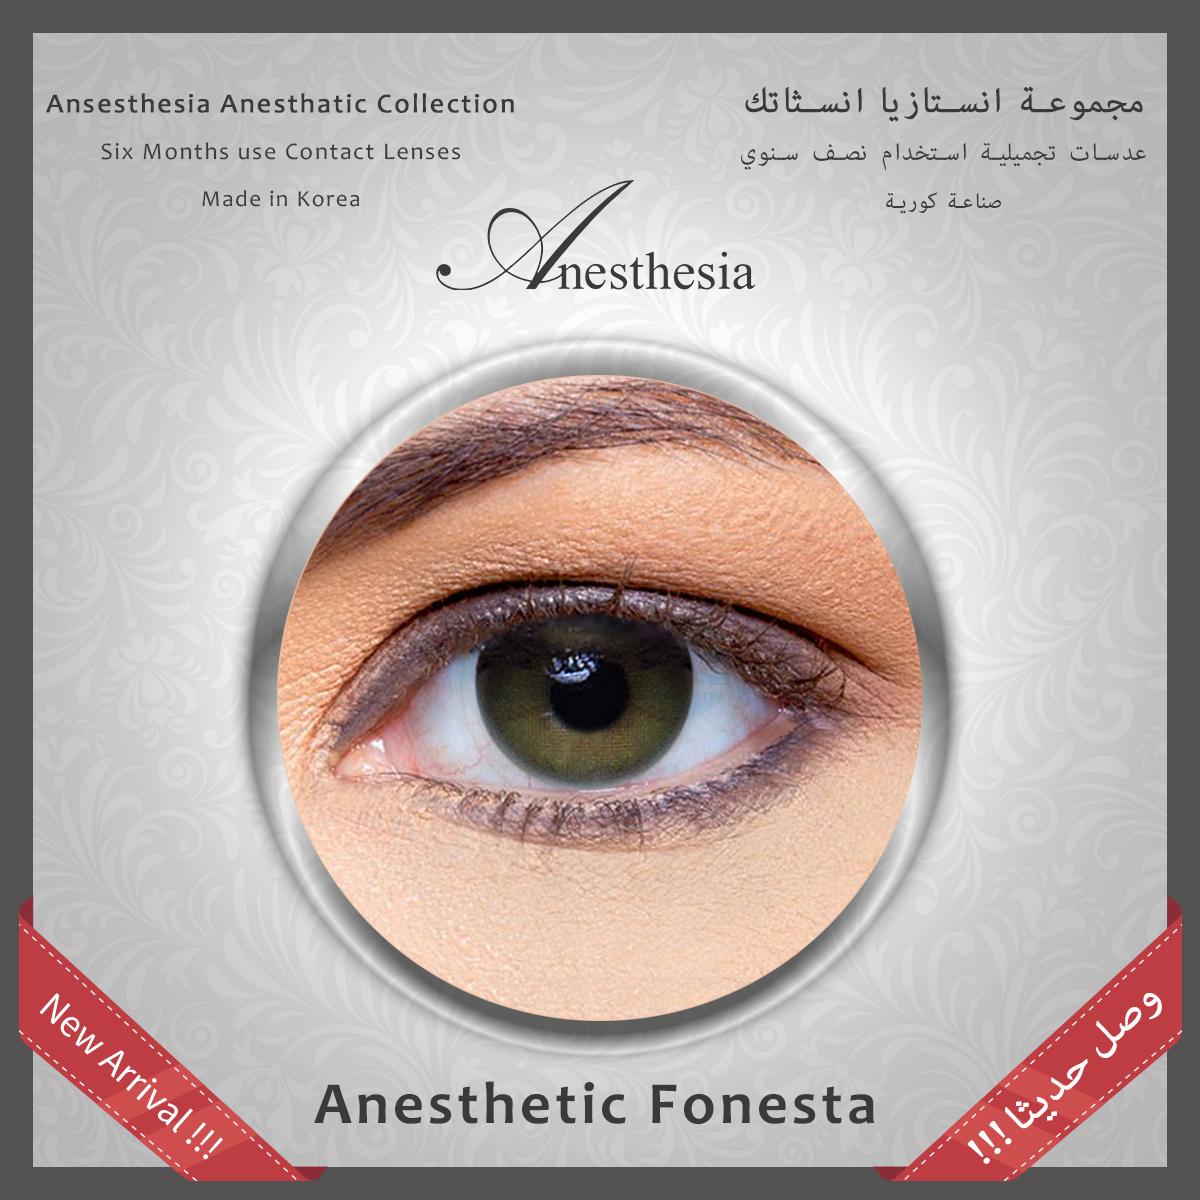 28da67134 Anesthesia Anesthetic Fonesta Unisex Contact Lenses, Anesthesia ...